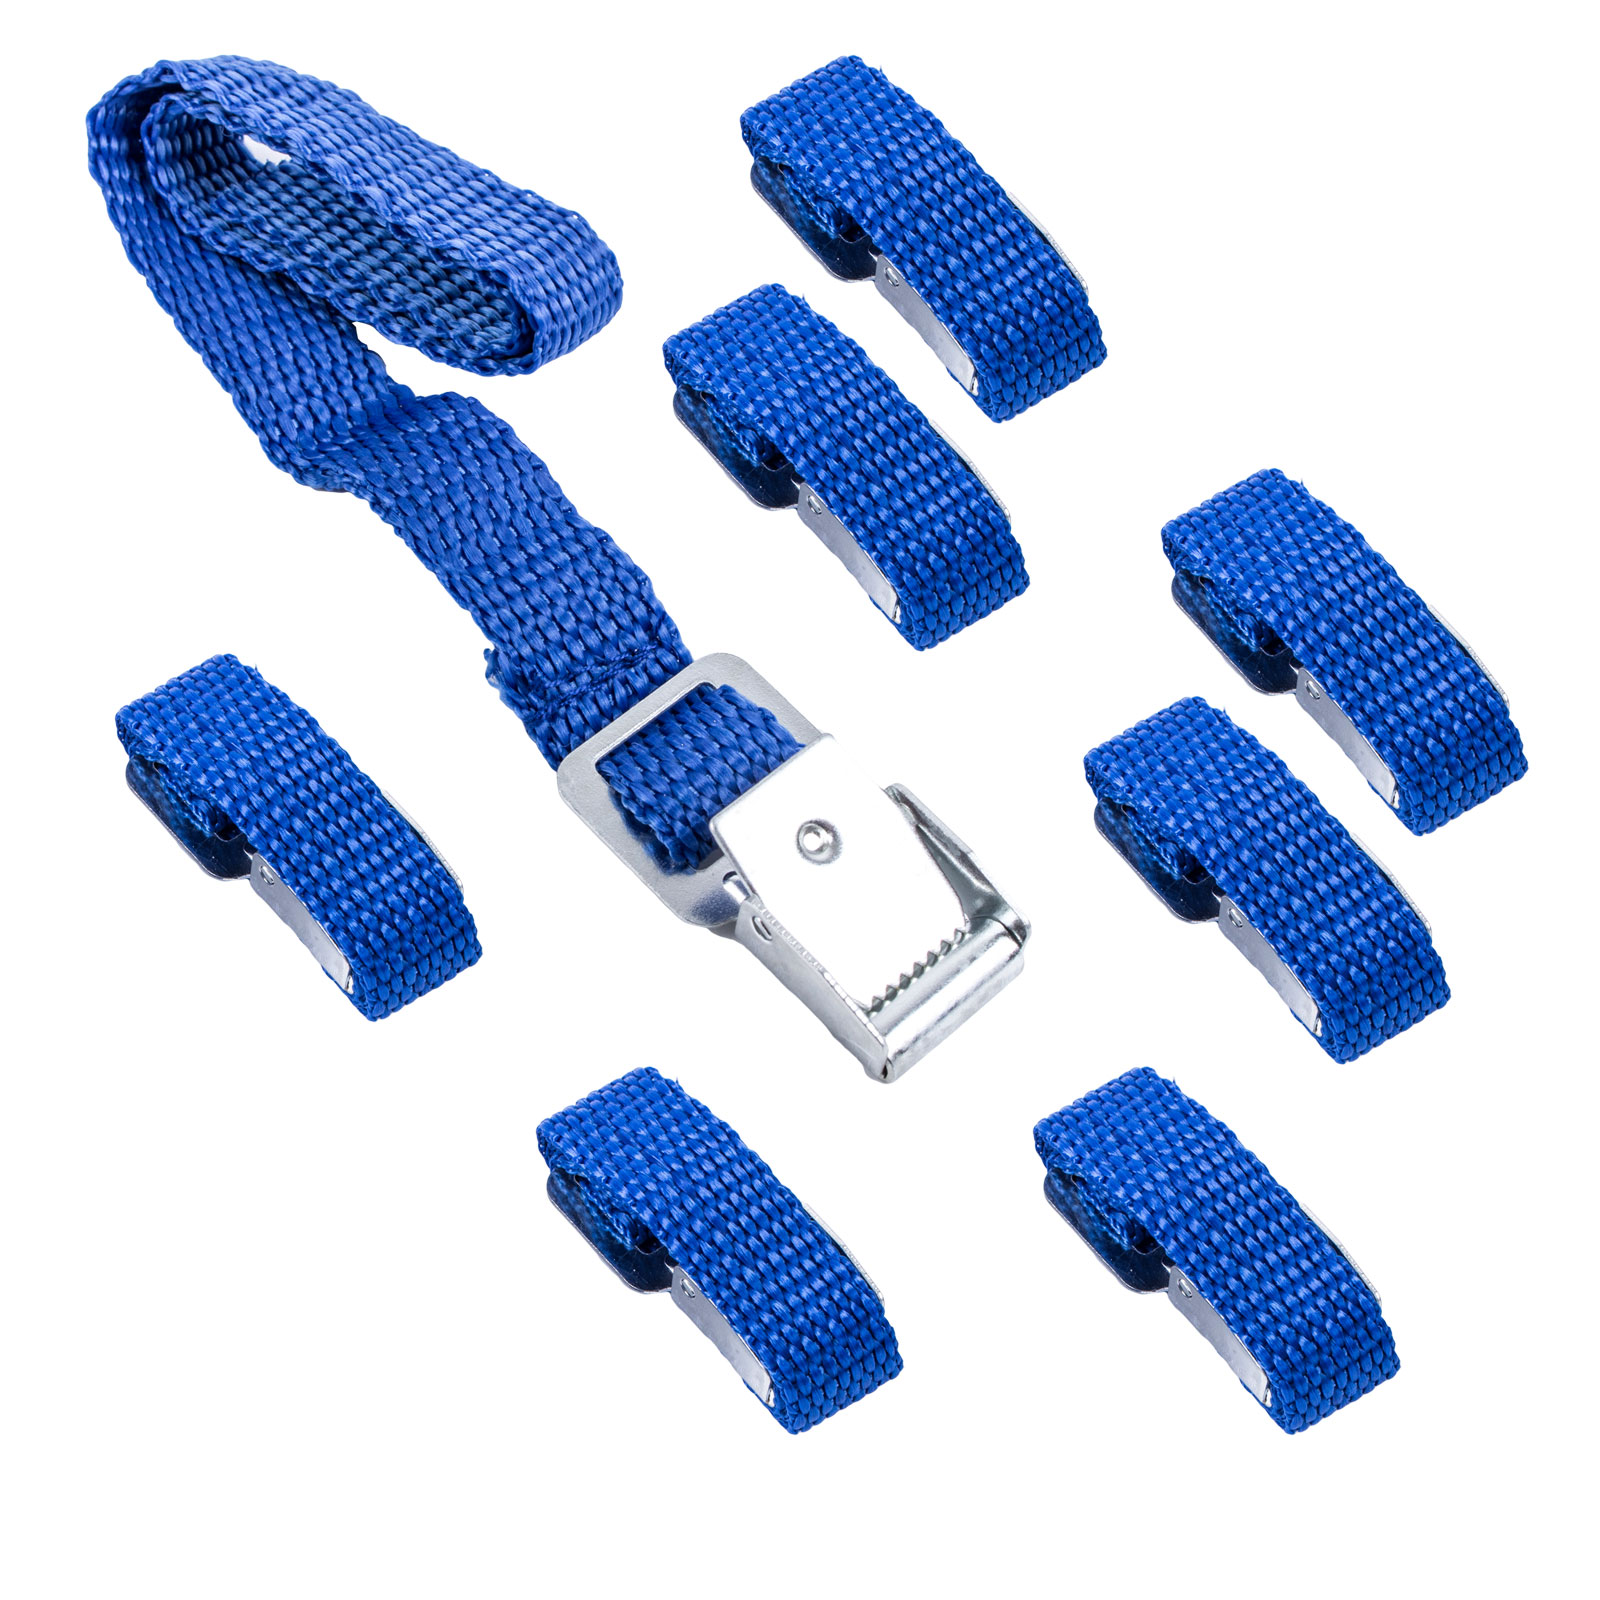 Befestigungsriemen für Fahrradträger, 8 Stück, 40 cm, blau